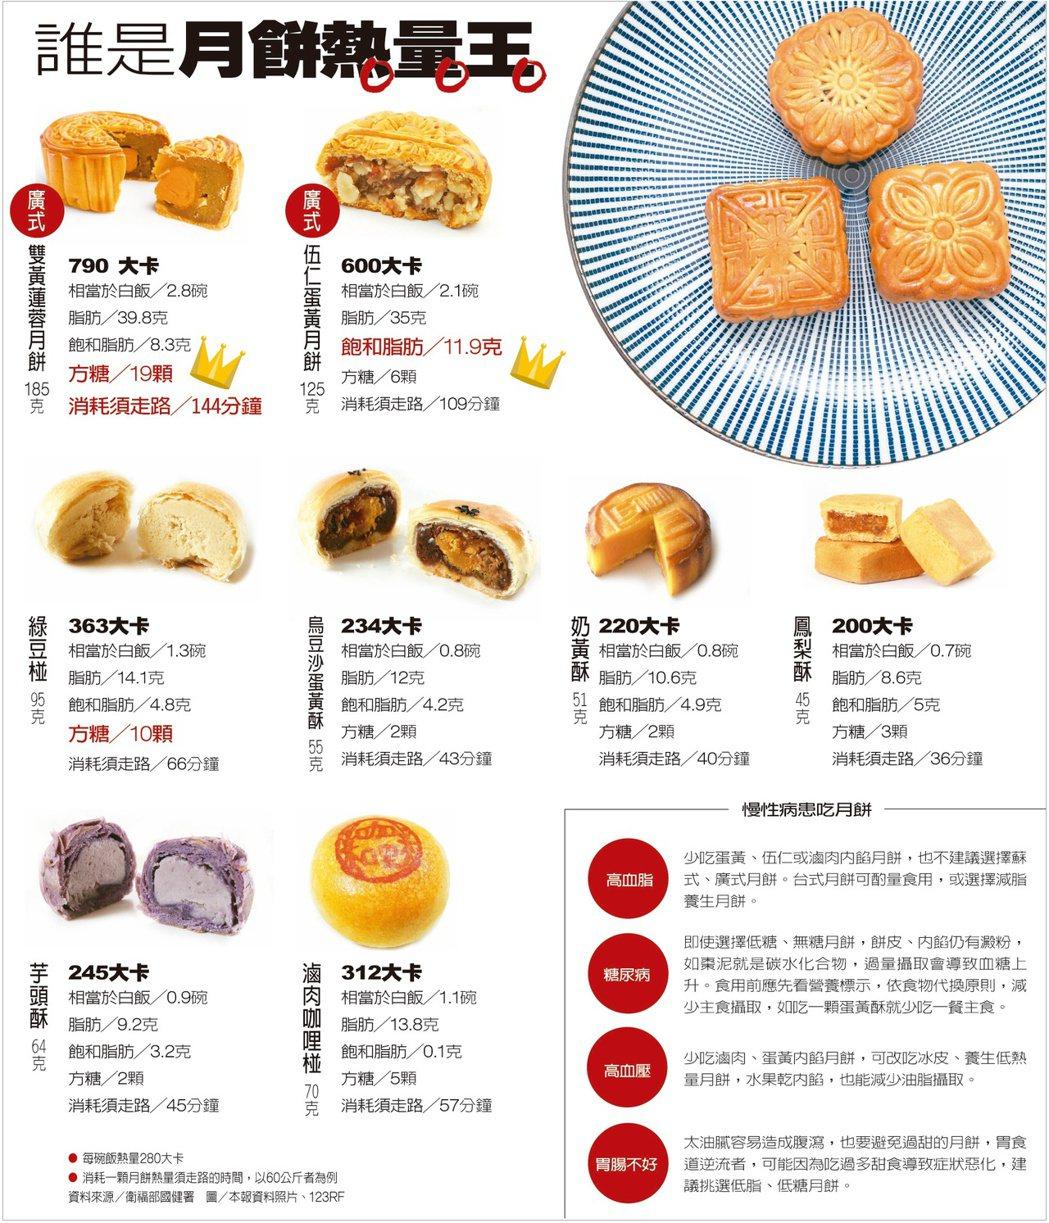 本周出的元氣周報對市售月餅熱量有詳盡的介紹。圖/元氣周報